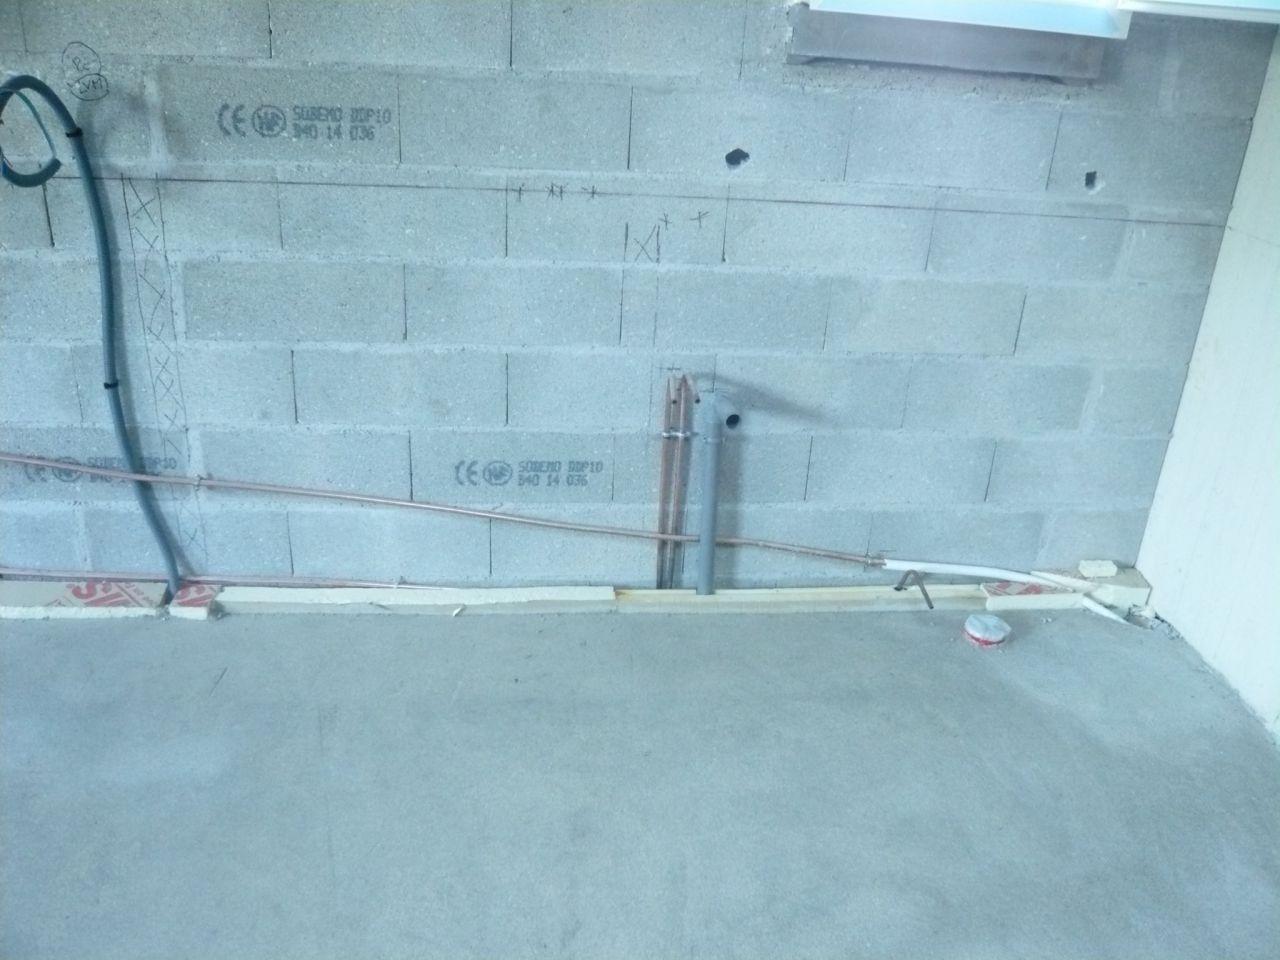 Cache Tuyau Sous Chaudiere risque de mettre les tuyaux cuivre derrière l'isolant en rp